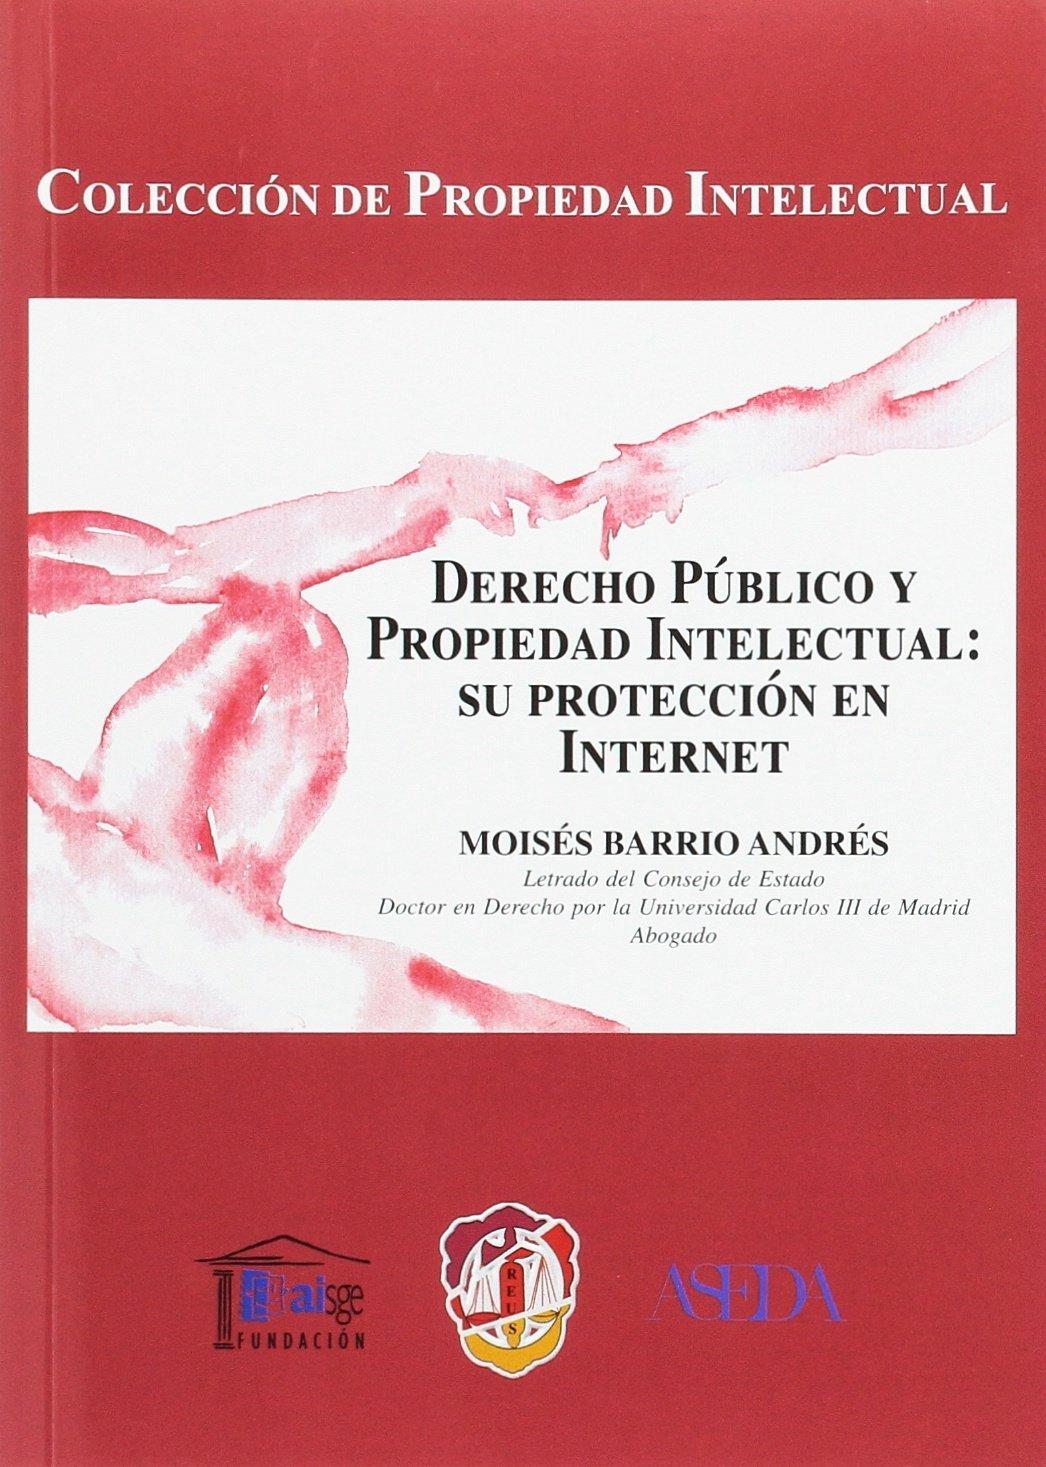 Derecho público y propiedad intelectual: su protección en internet: Amazon.es: Moisés Barrio Andrés: Libros